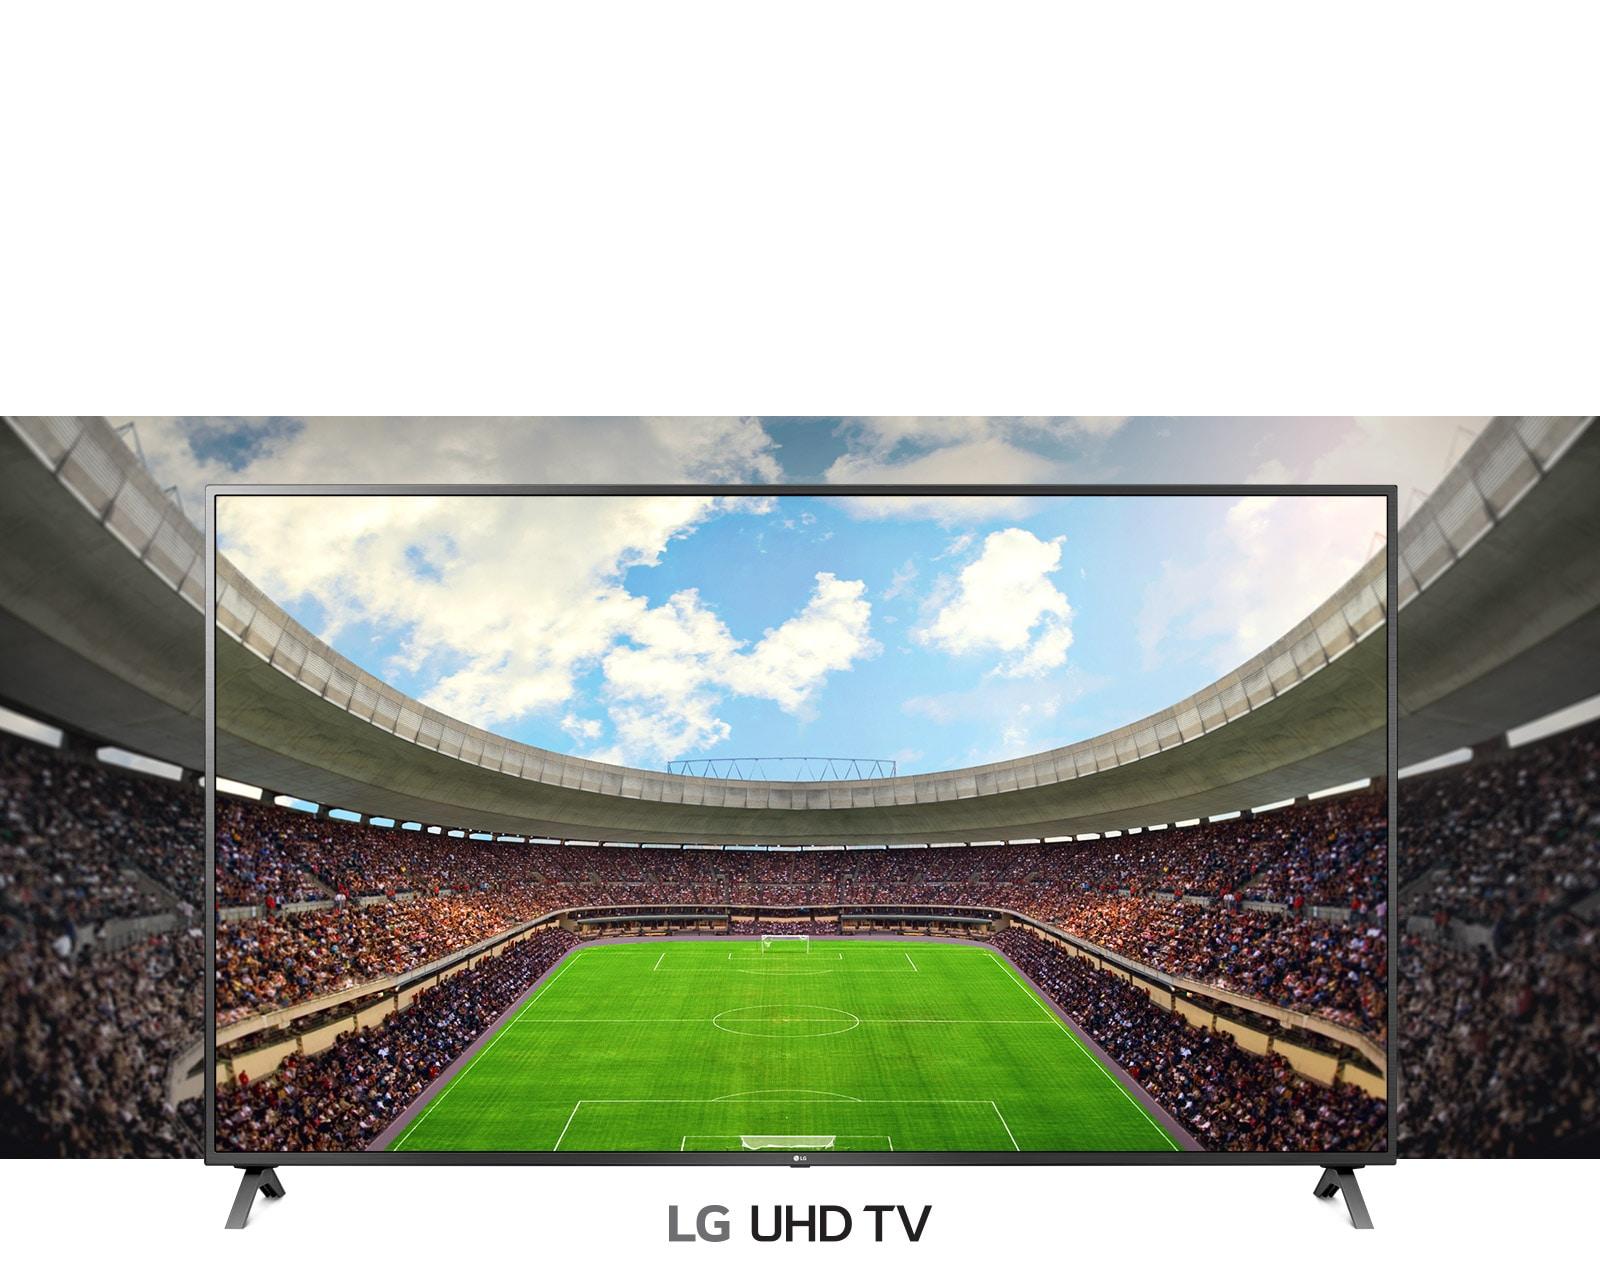 בתוך מסגרת של טלוויזיה, מבט פנורמי על אצטדיון כדורגל מלא בצופים.